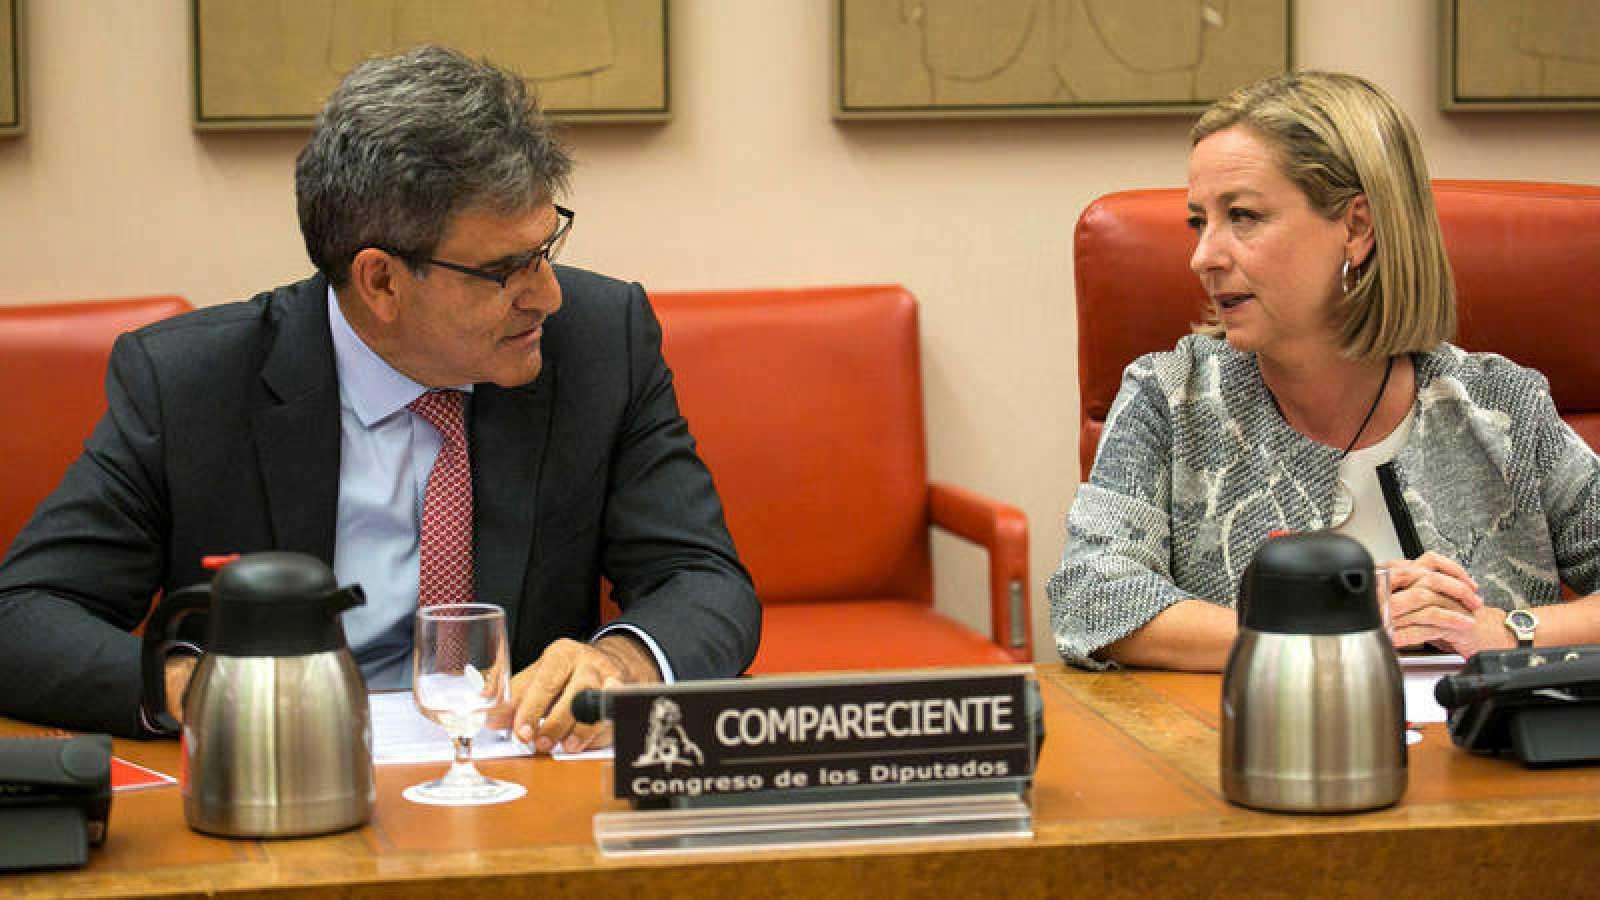 El consejero delegado del Banco Santander, José Antonio Álvarez, y la presidenta de la Comisión, Ana Oramas, durante su comparecencia en la comisión parlamentaria que investiga la crisis financiera